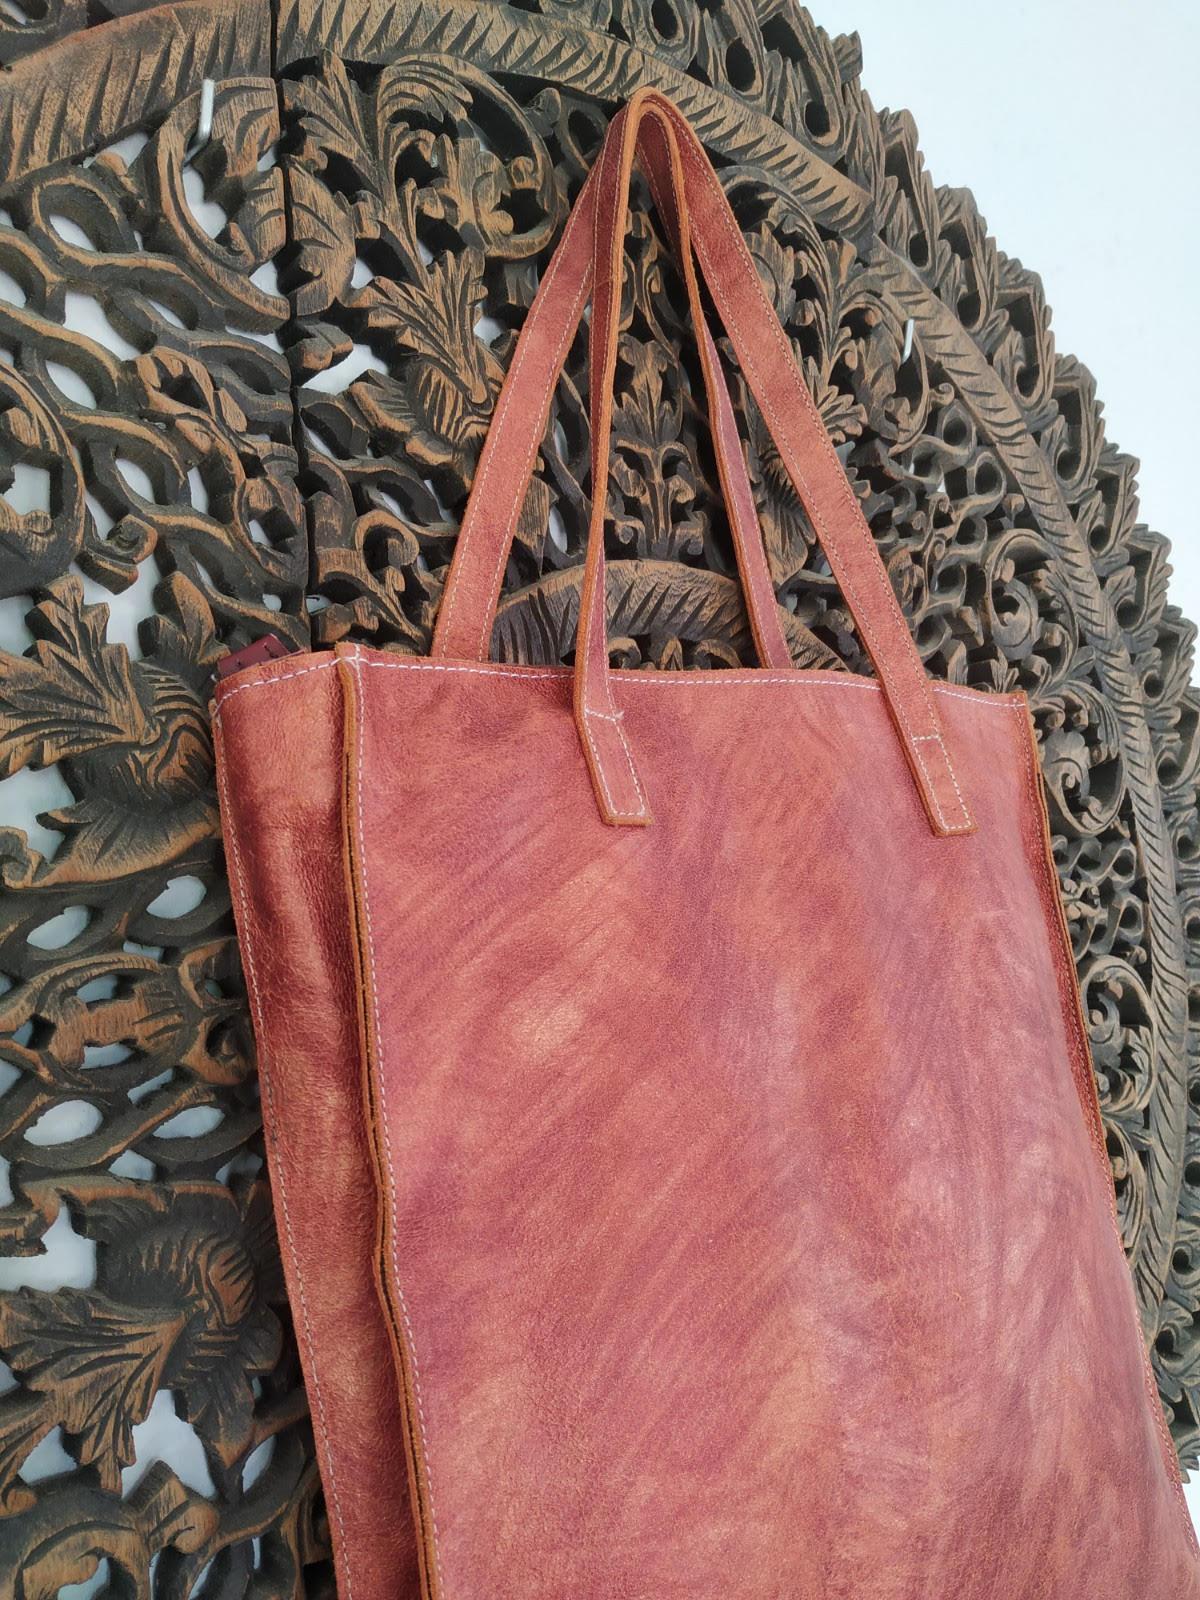 miuma-bolso-rojo-piel-complementos-moda-cambrils(3)